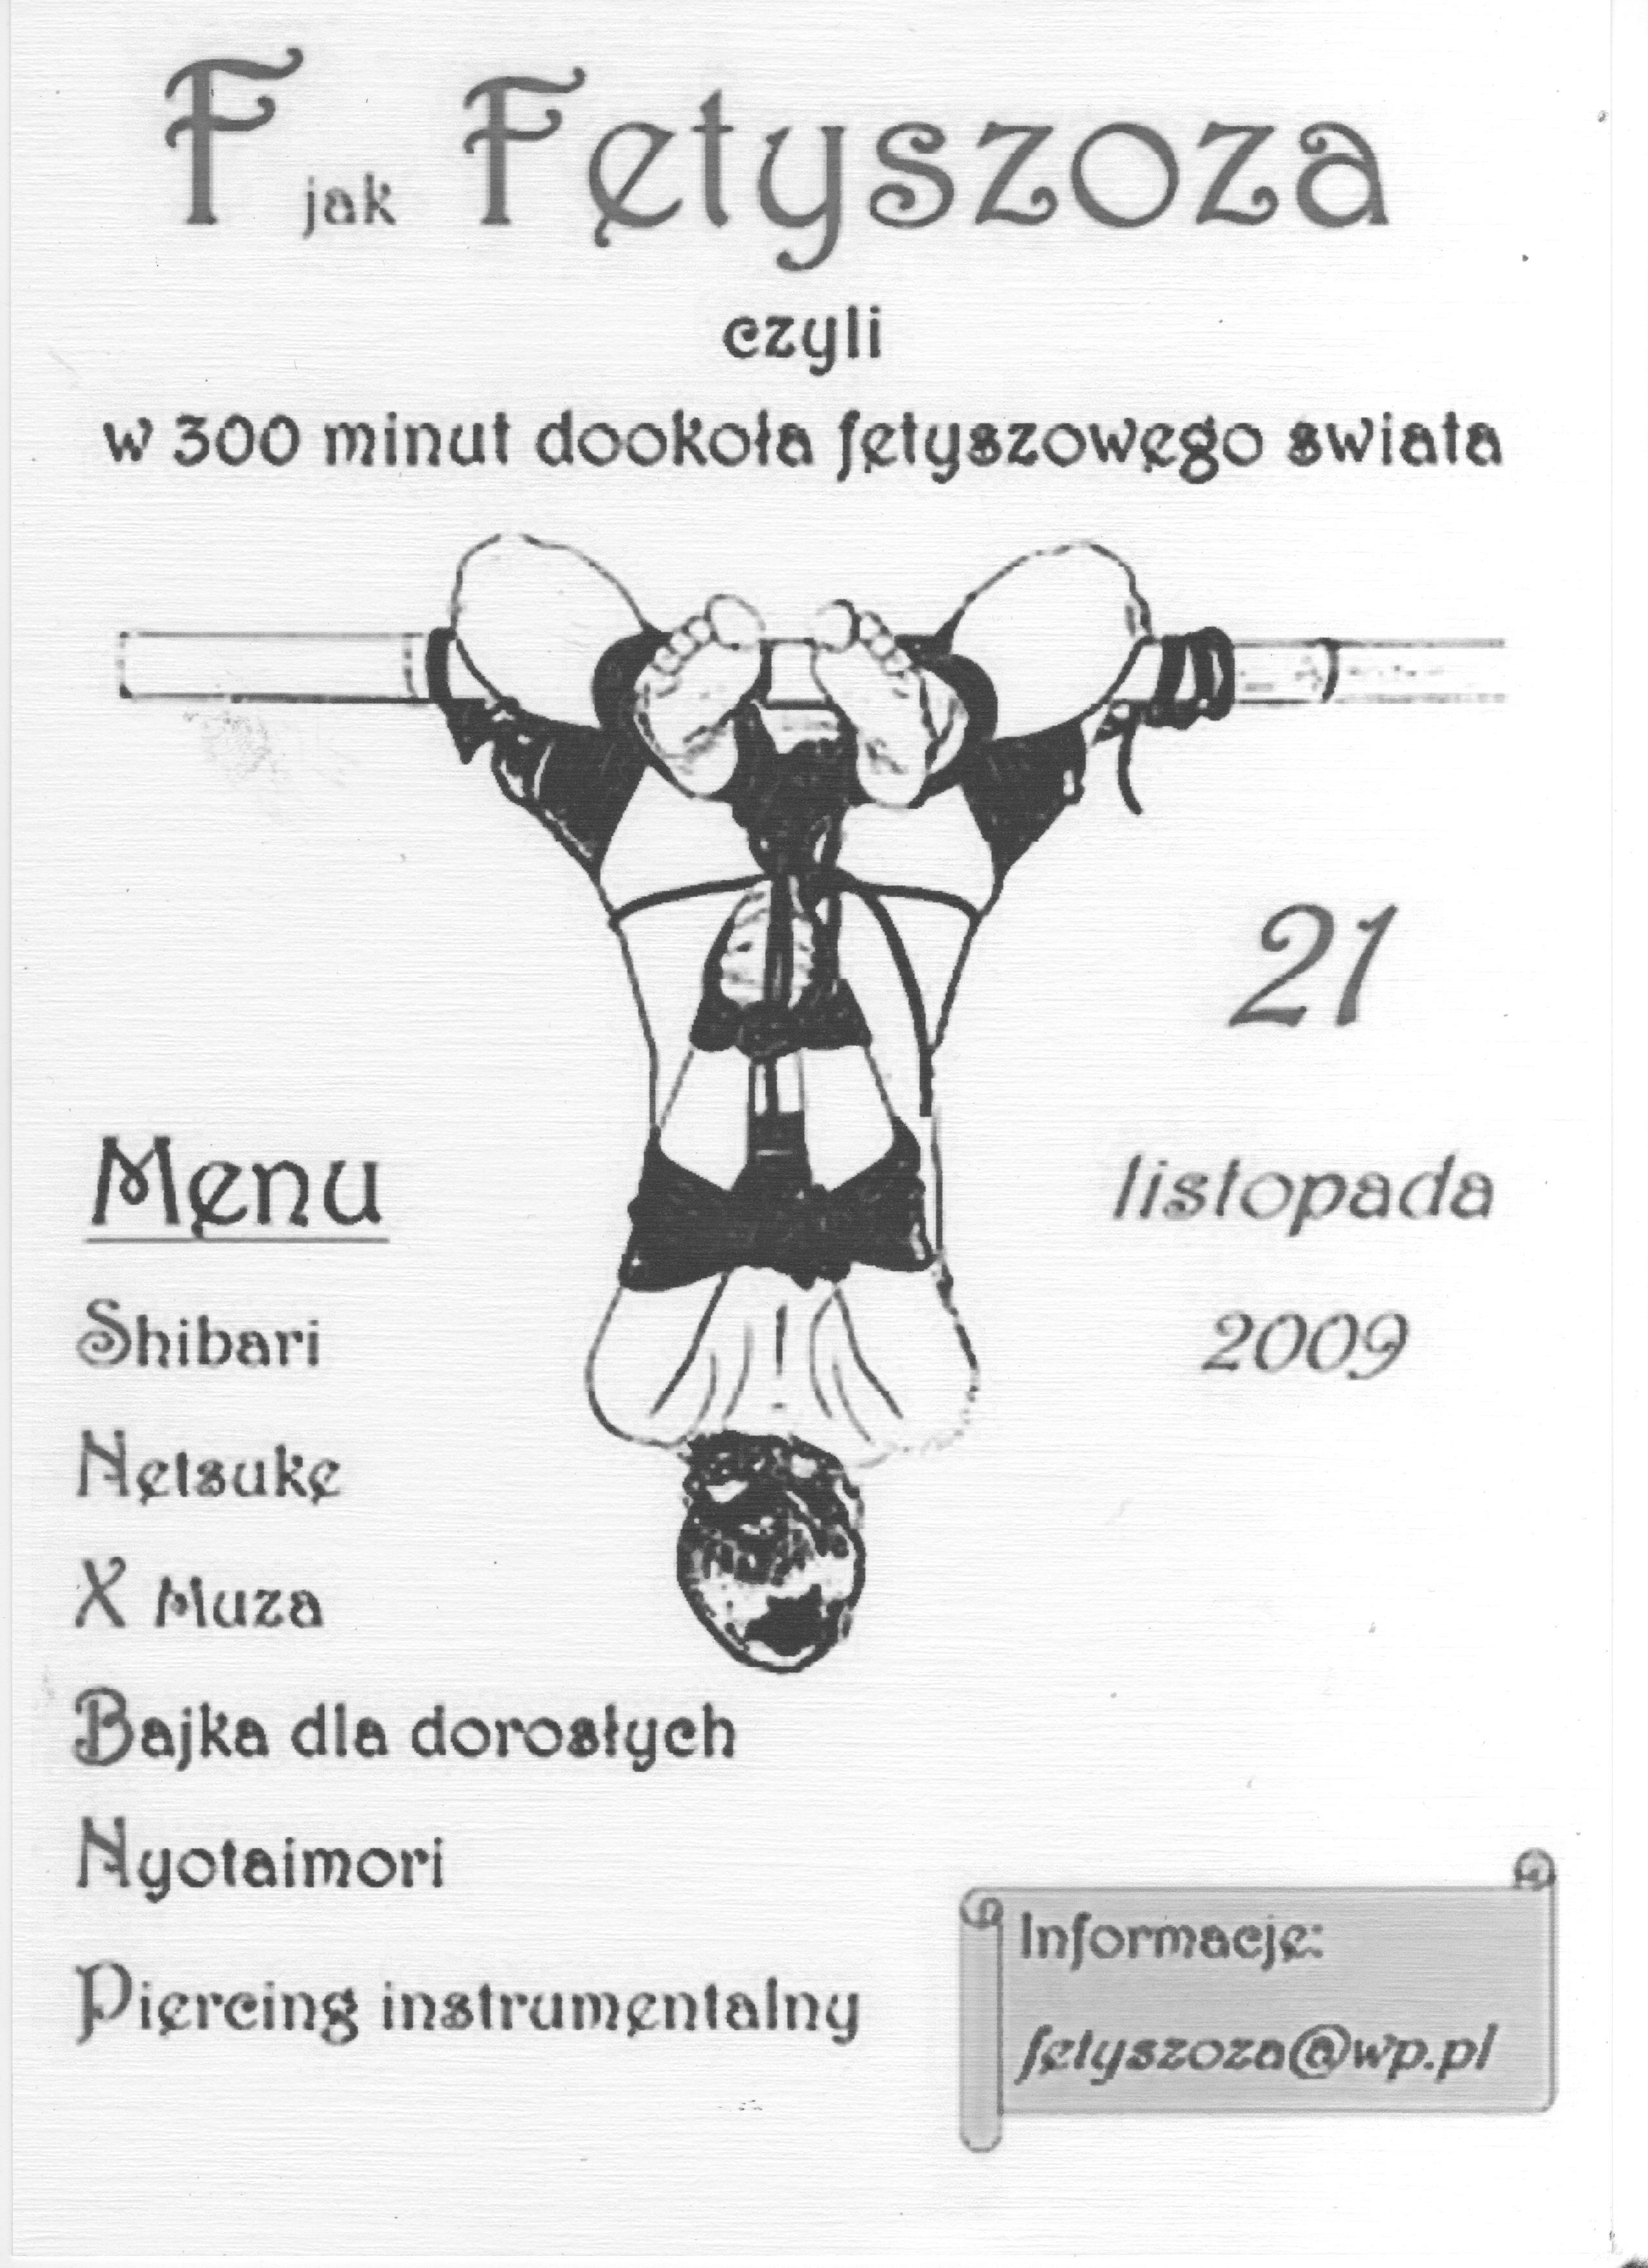 Fetyszoza Plakat 001